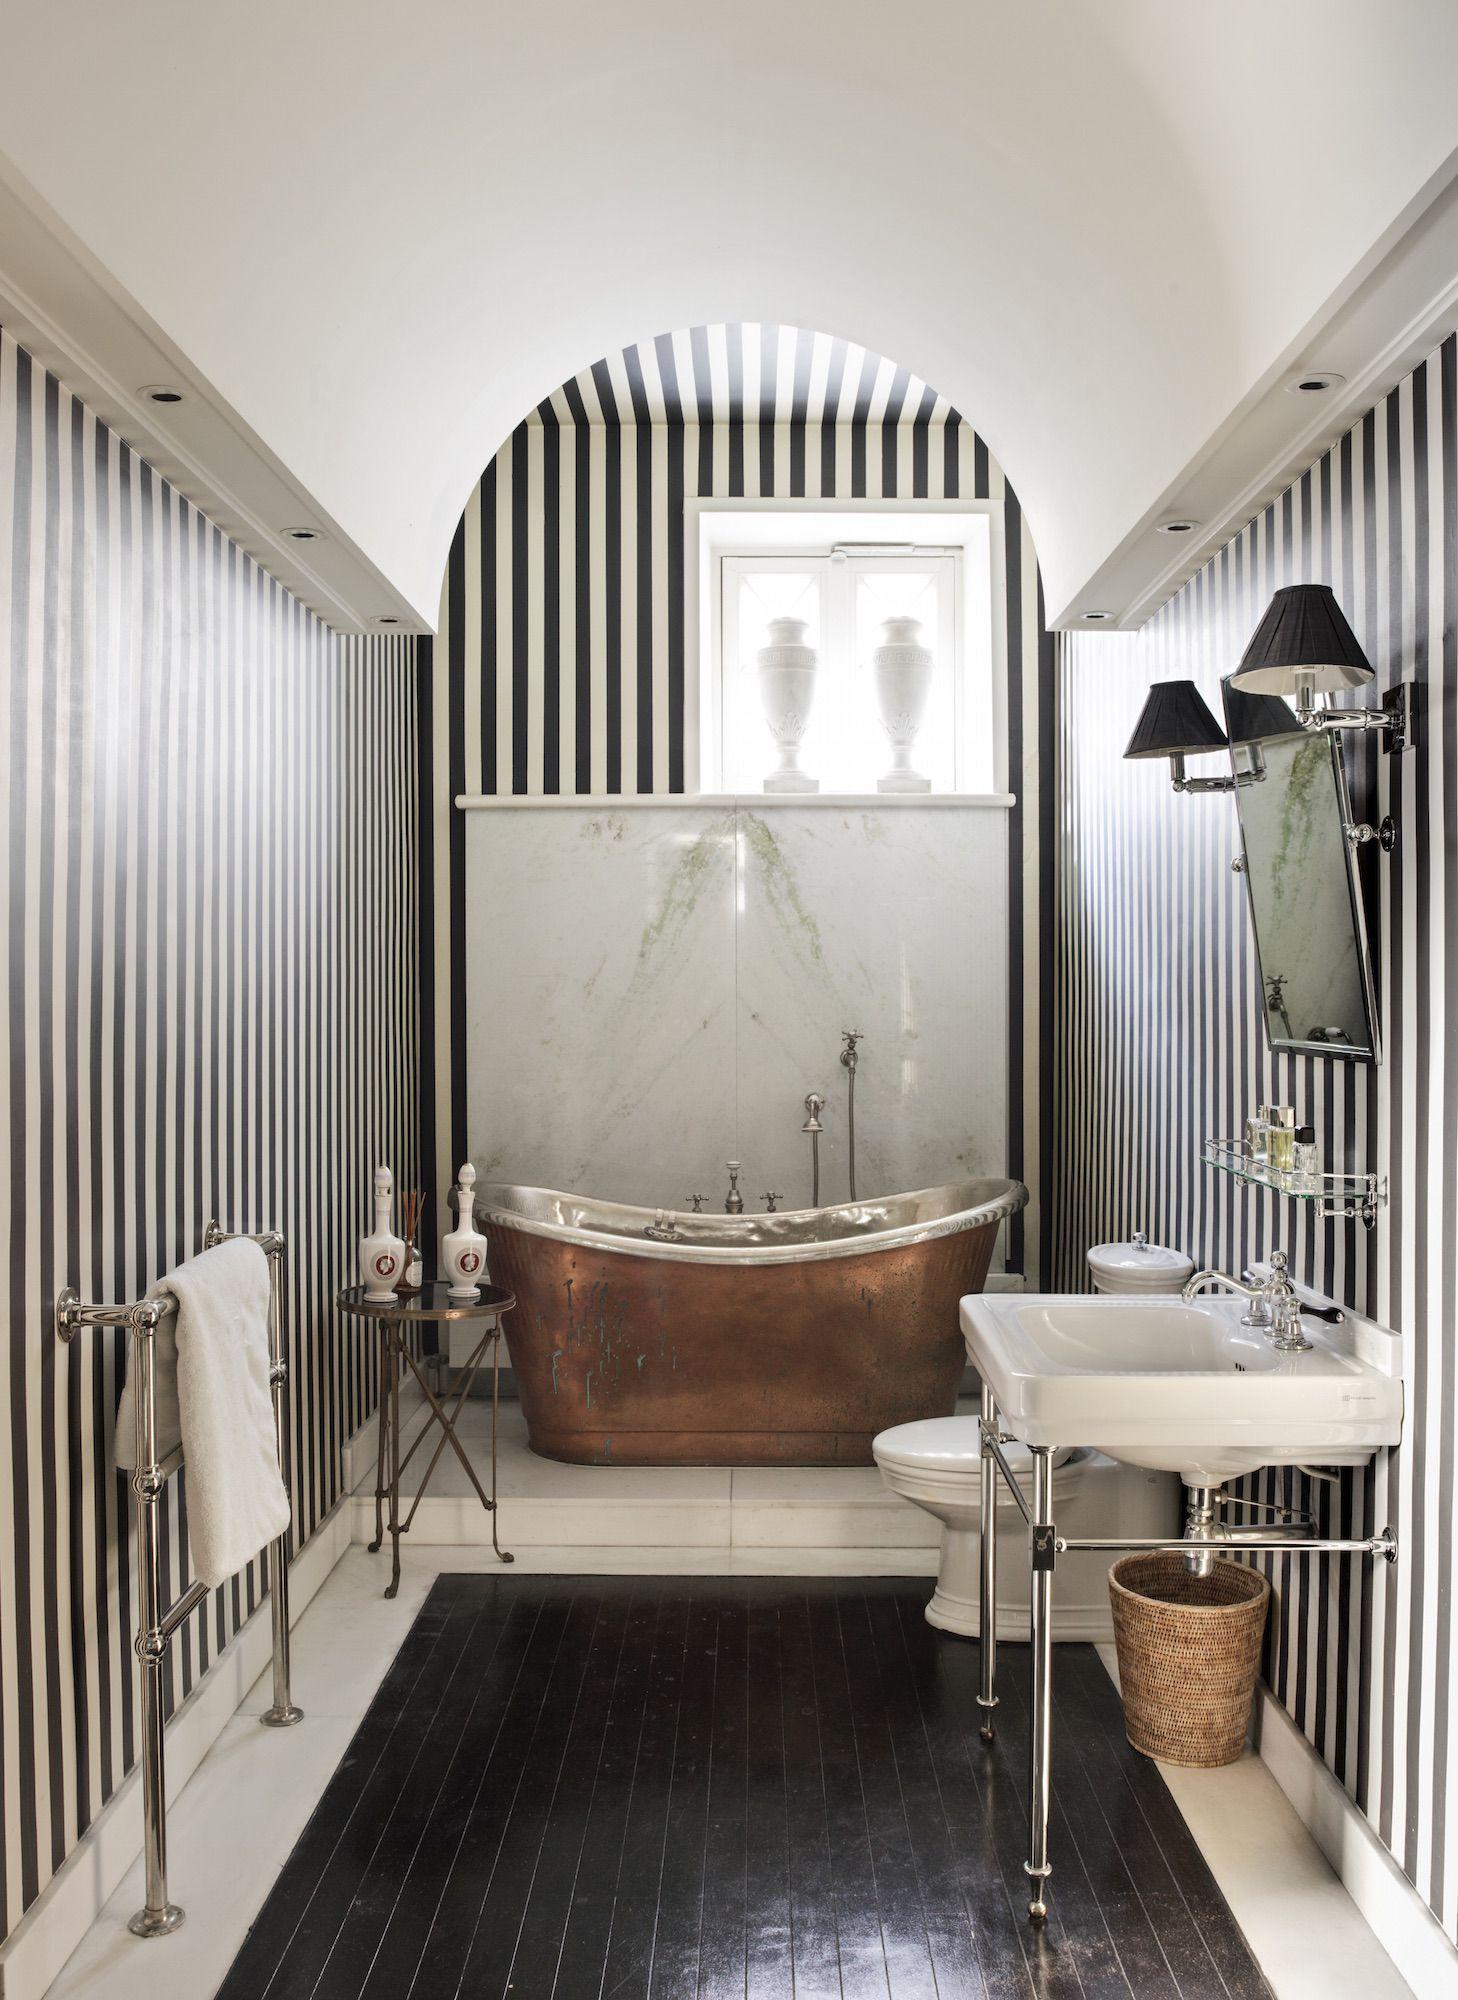 Paris Style Bathroom Decor: Tour Jamie Creel's Elegant Paris Apartment